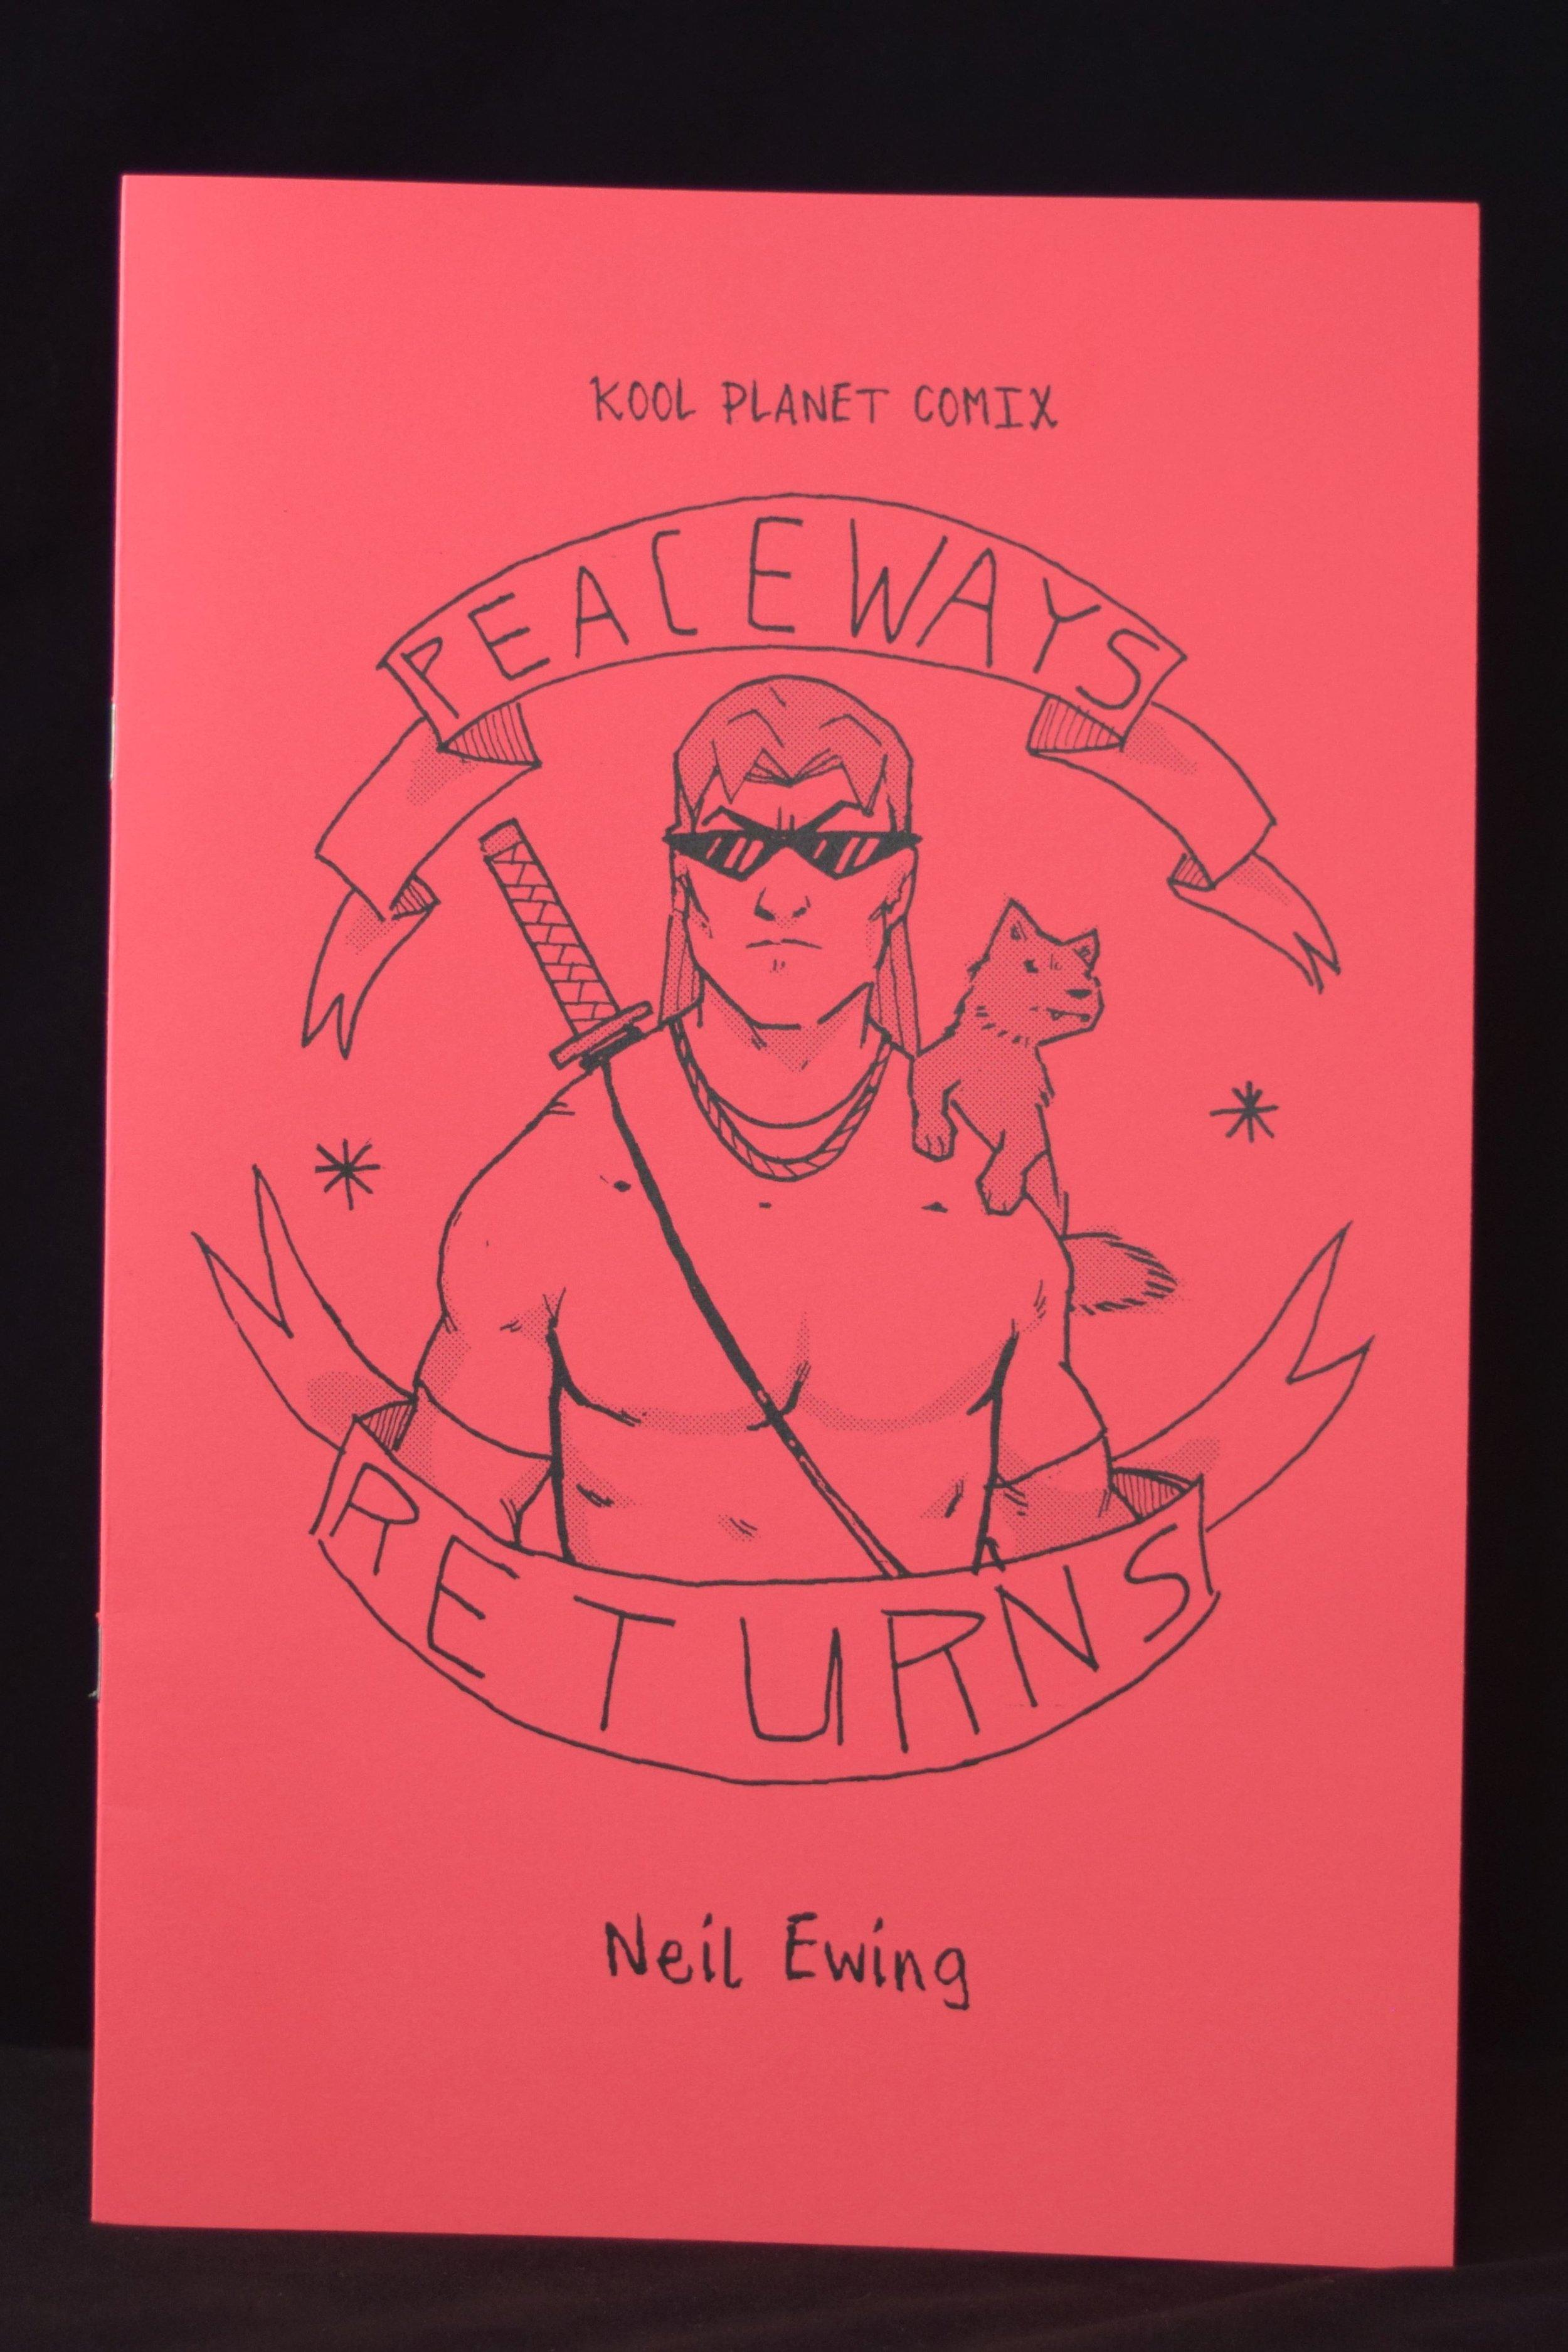 PeaceWays Returns from Neil Ewing.